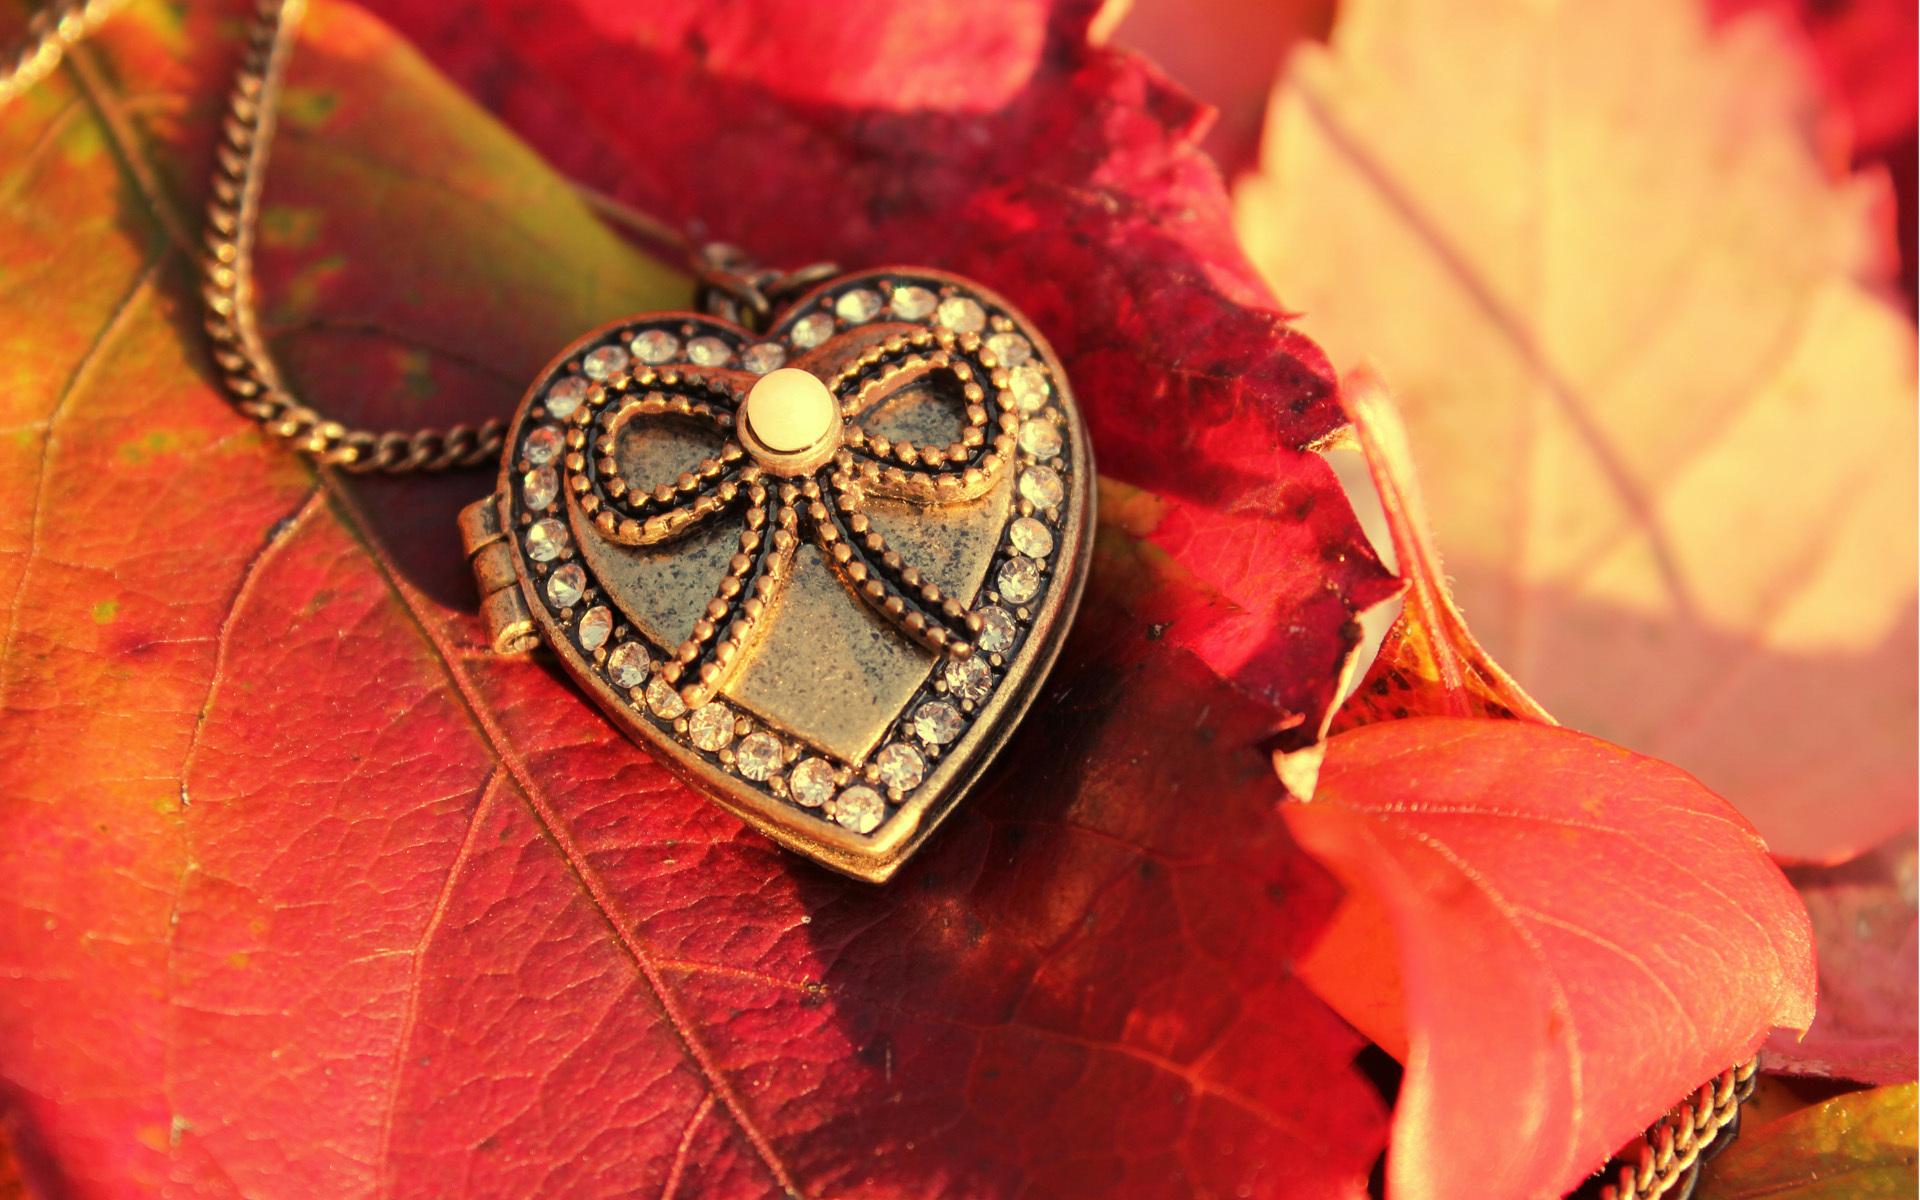 Сердце из камушка  № 1609208 загрузить